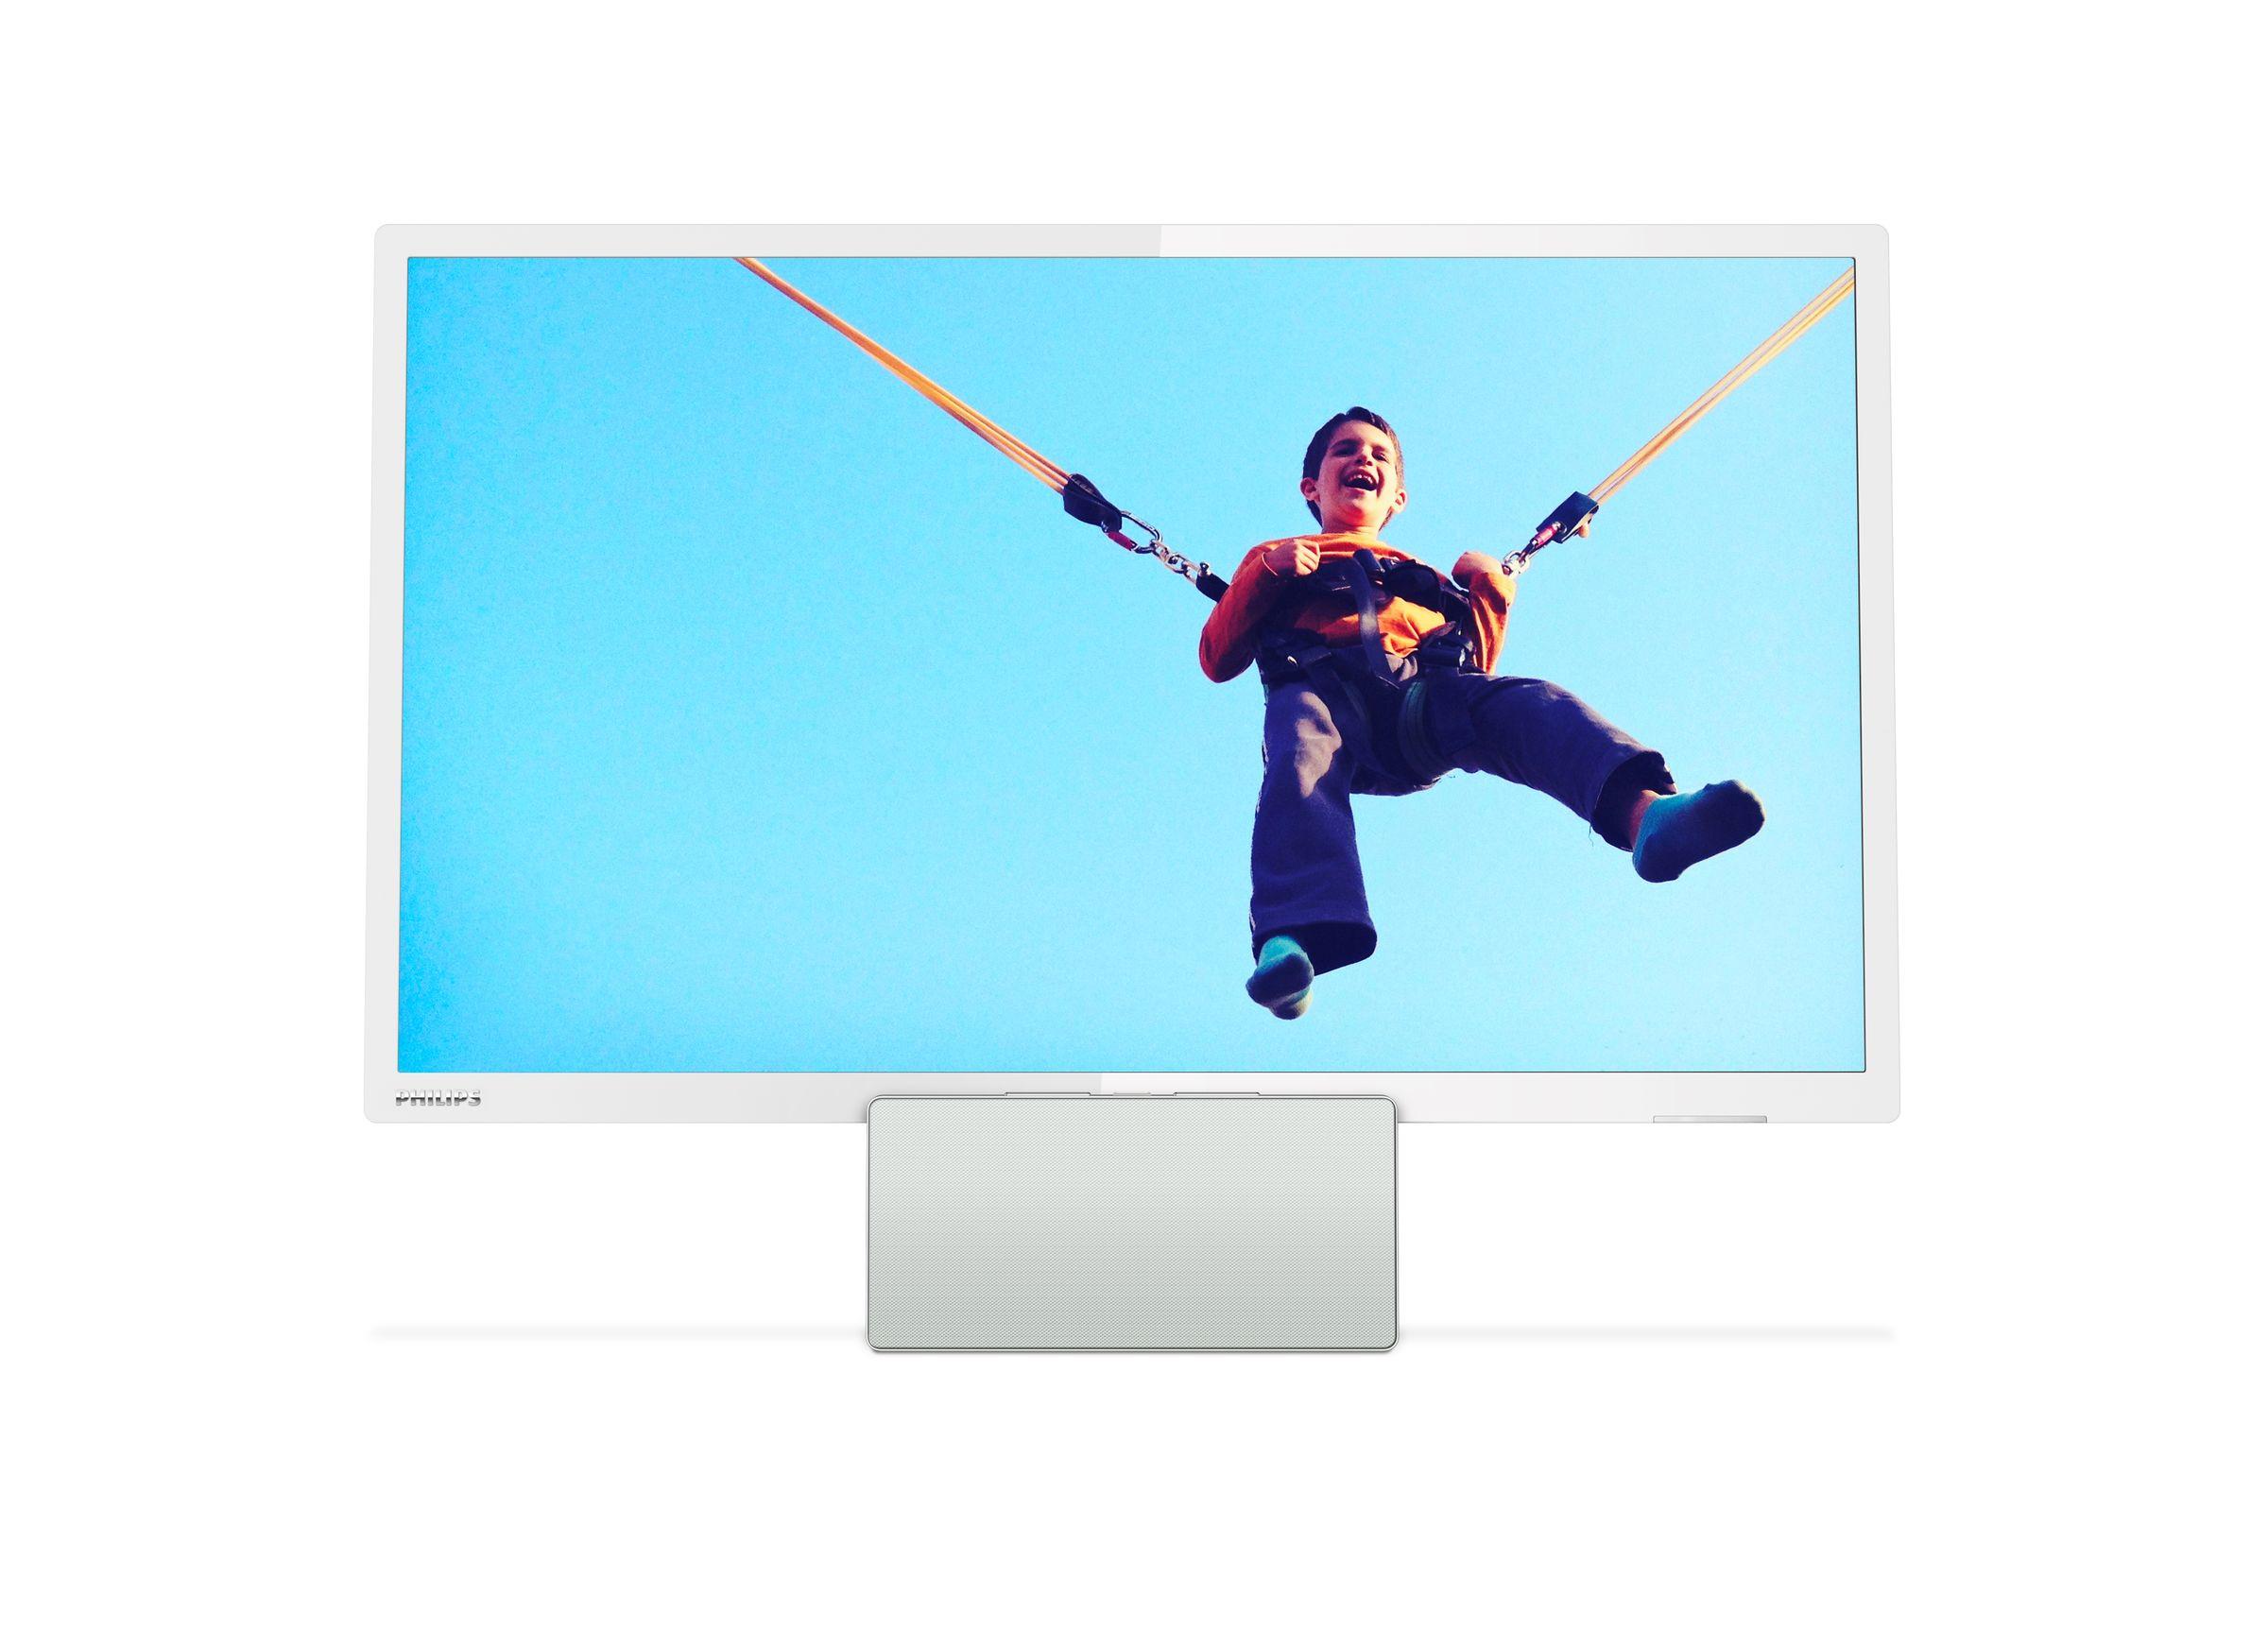 Philips 24PFS5242/12 TV 60cm 24 Zoll LED Full-HD 200PPI A DVB-T2/C/S2 für 229,00 Euro